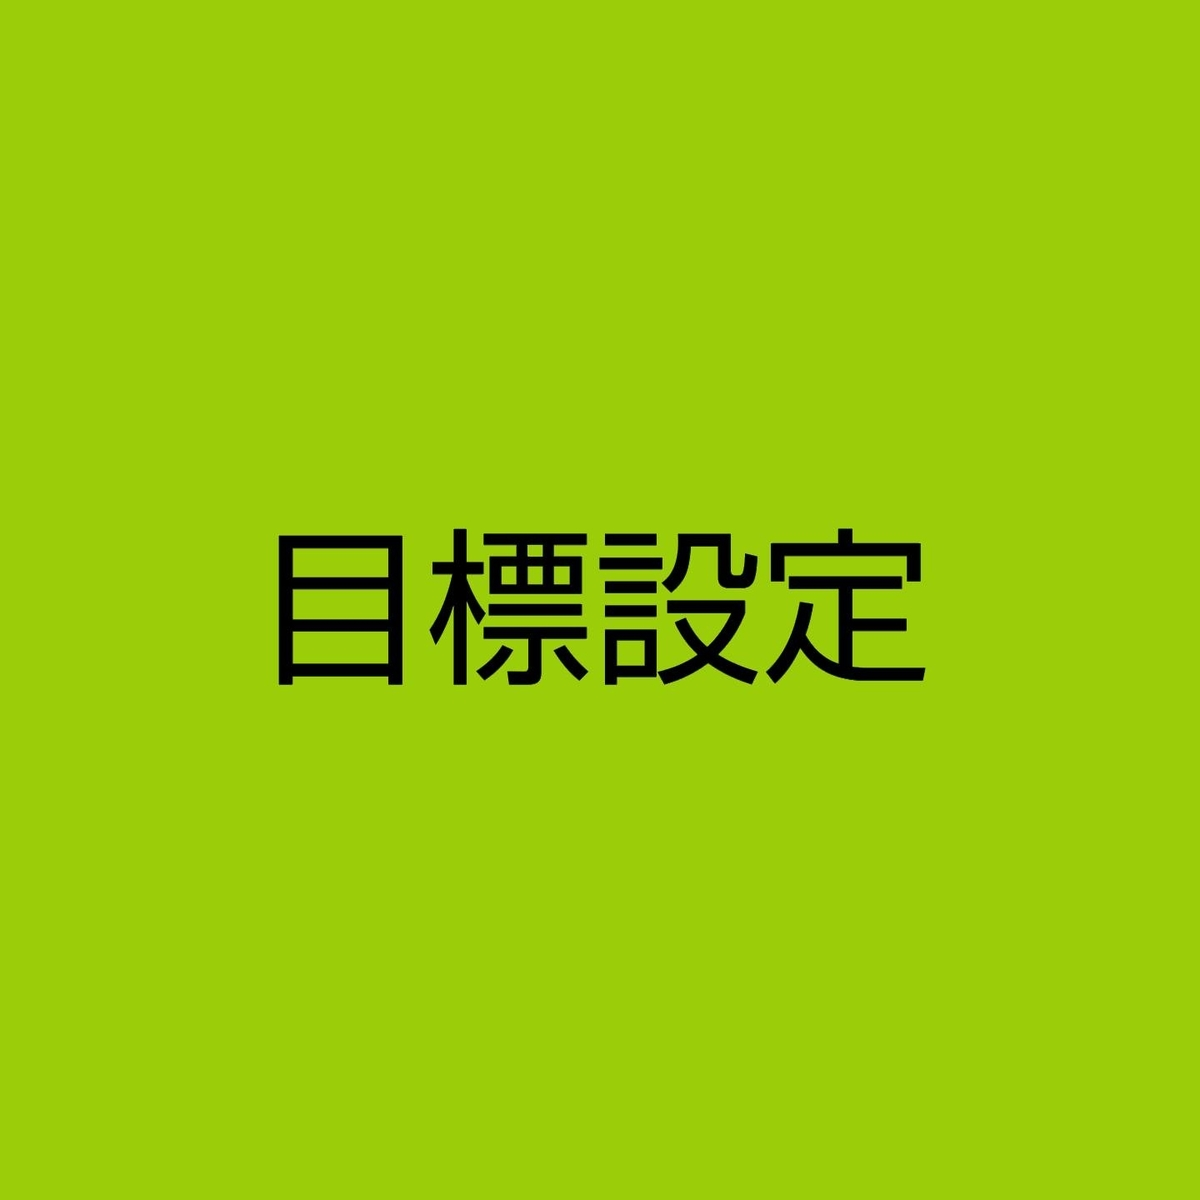 f:id:ryu3188:20191001133011j:plain